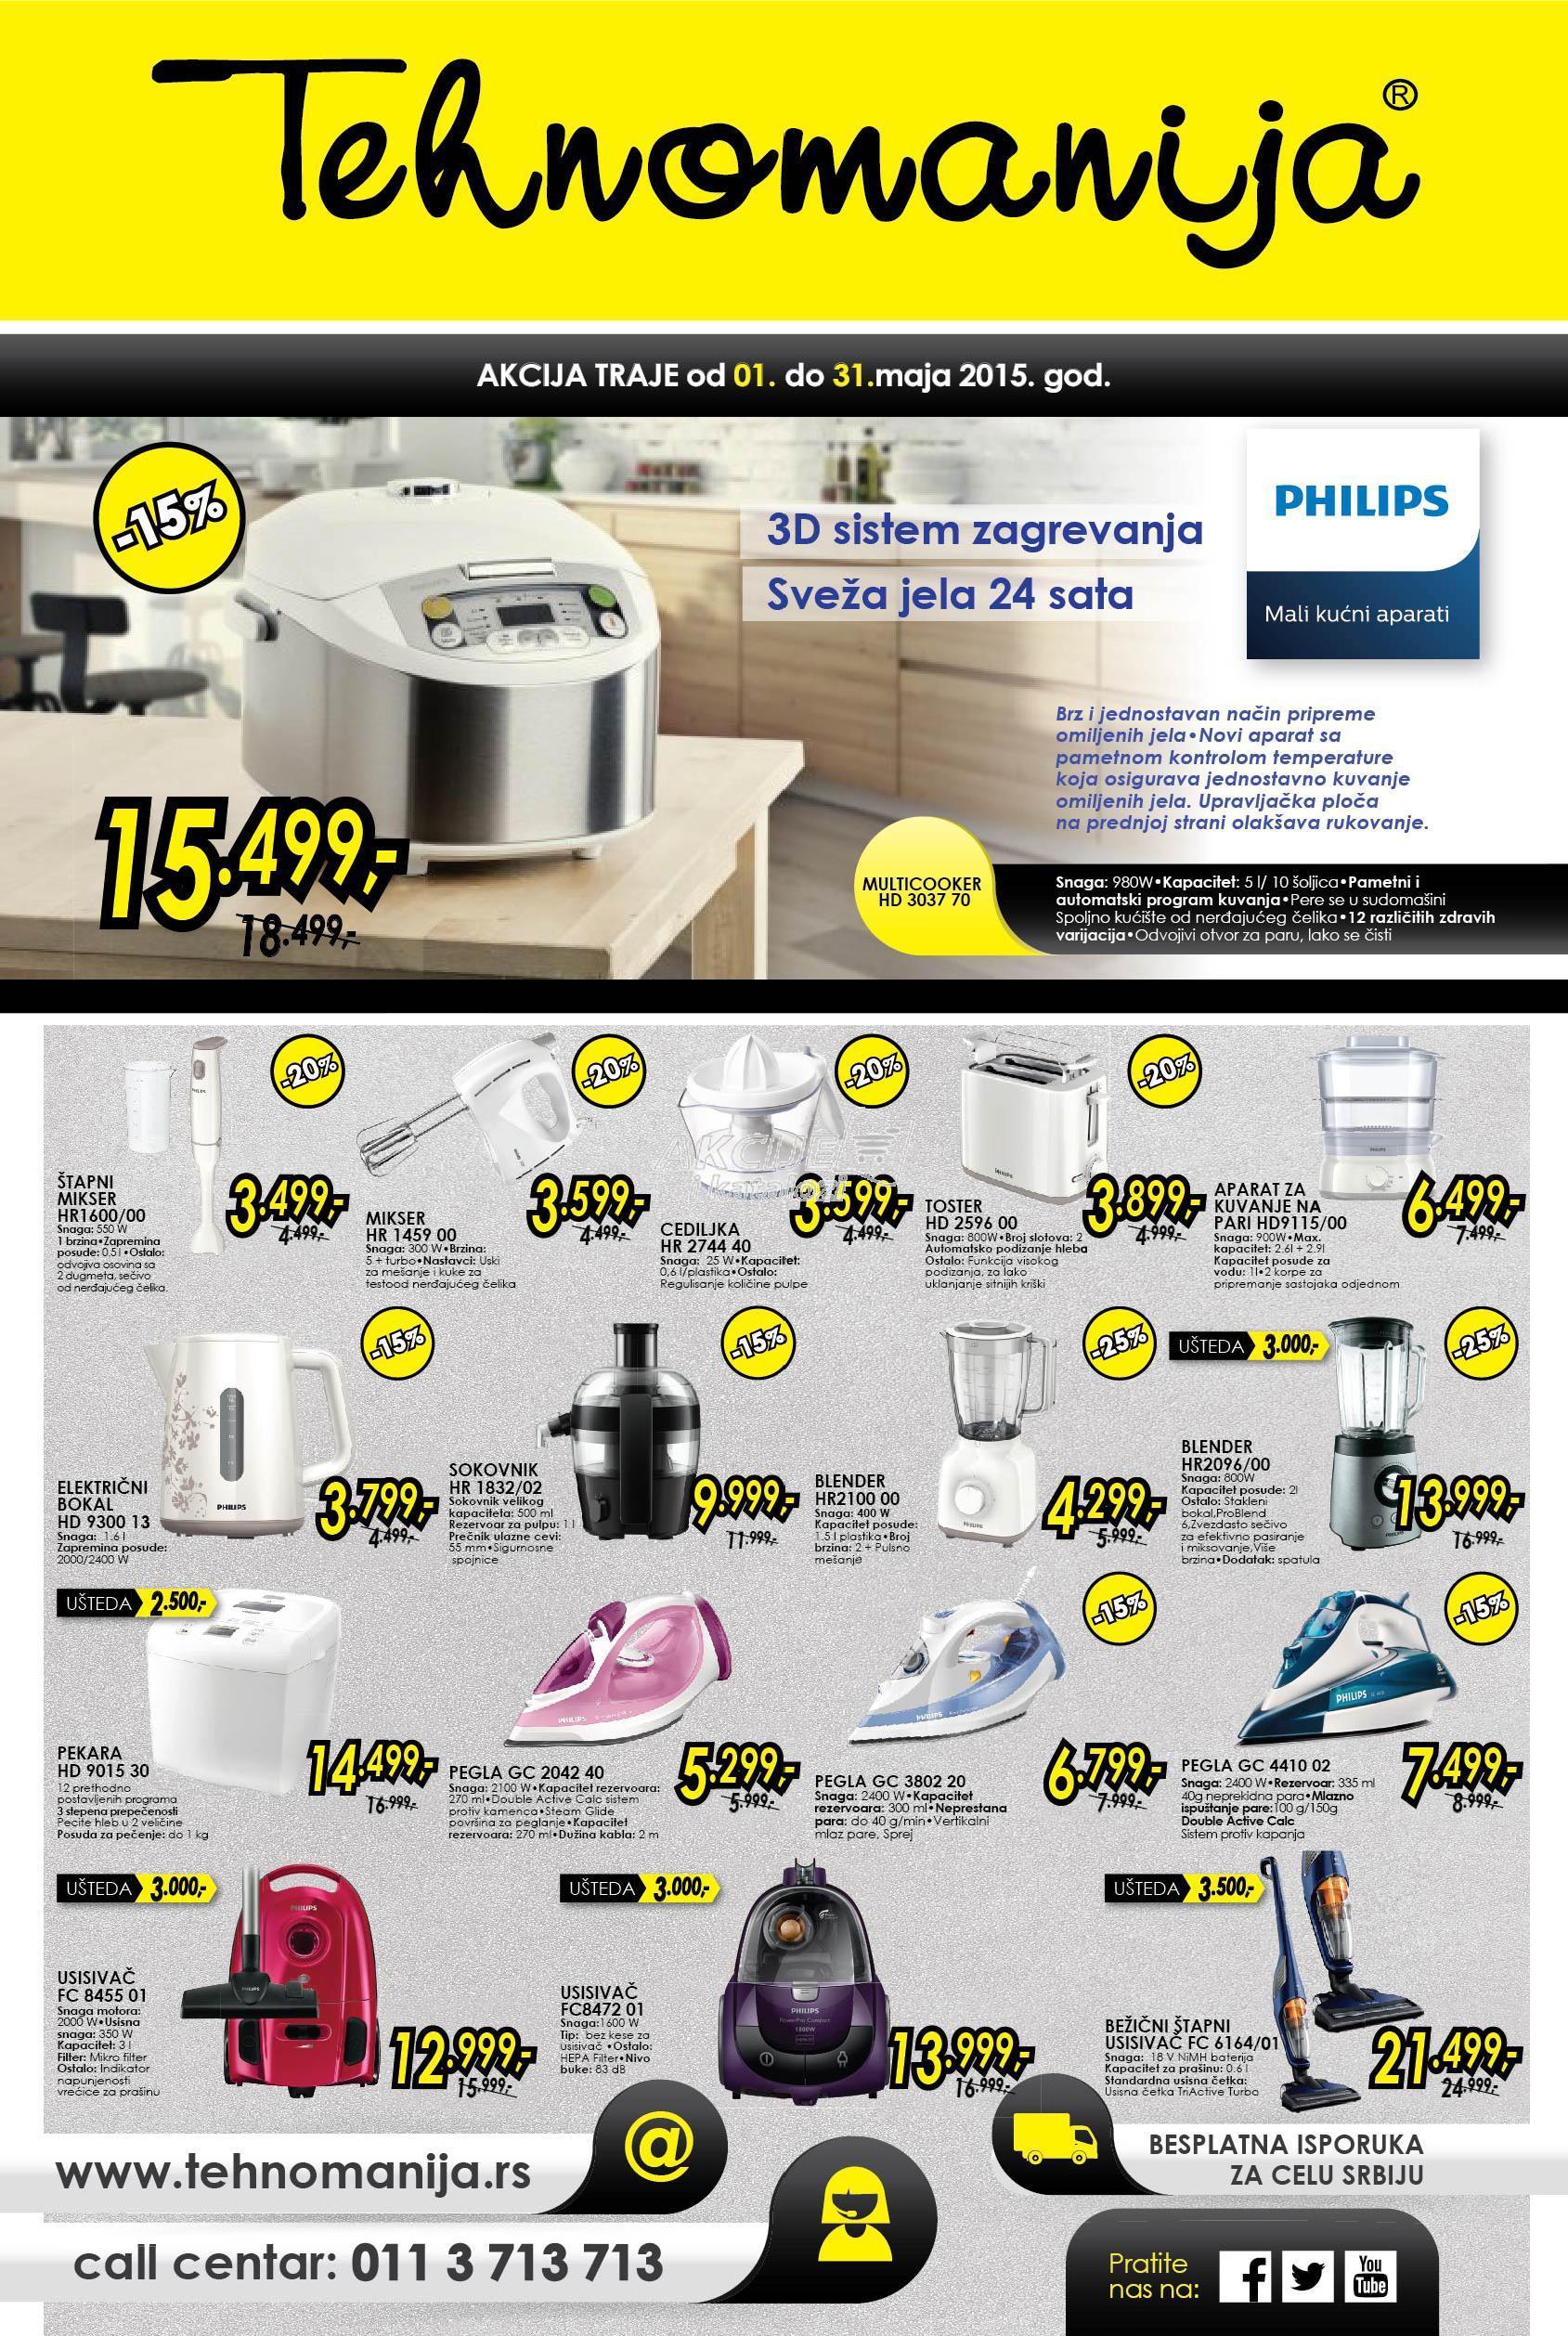 Tehnomanija - Redovna akcija super ponuda malih kućnih aparata